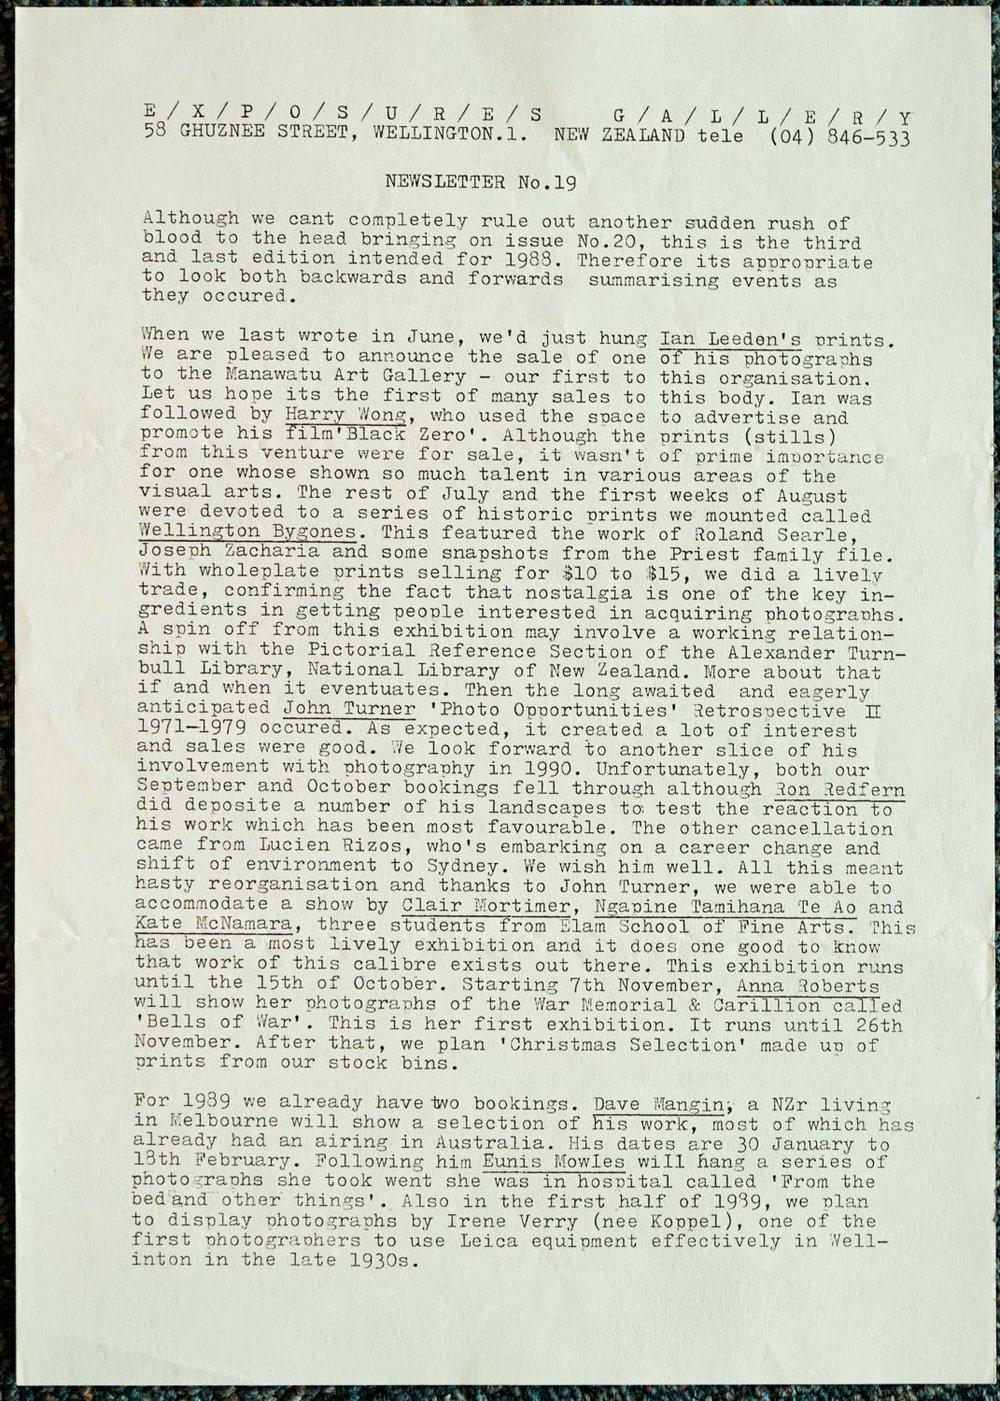 Exposures Gallery Newsletter No.19, October 1988